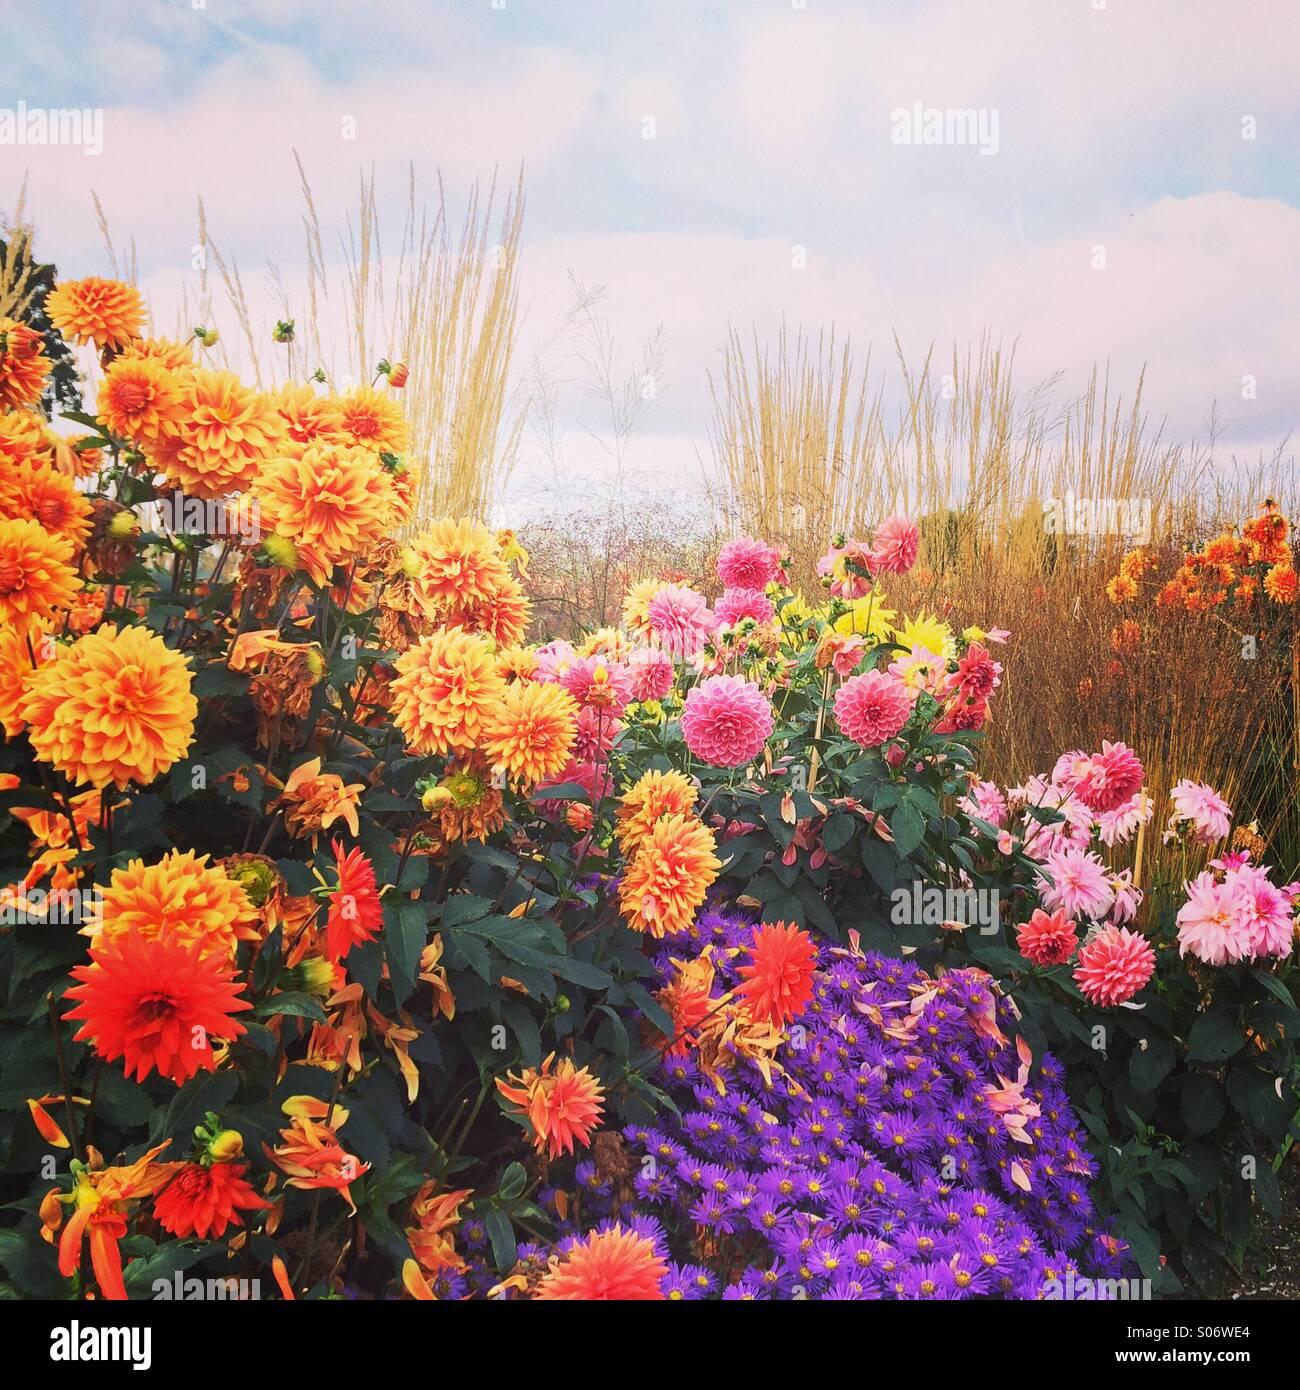 Dahlias in autumn - Stock Image